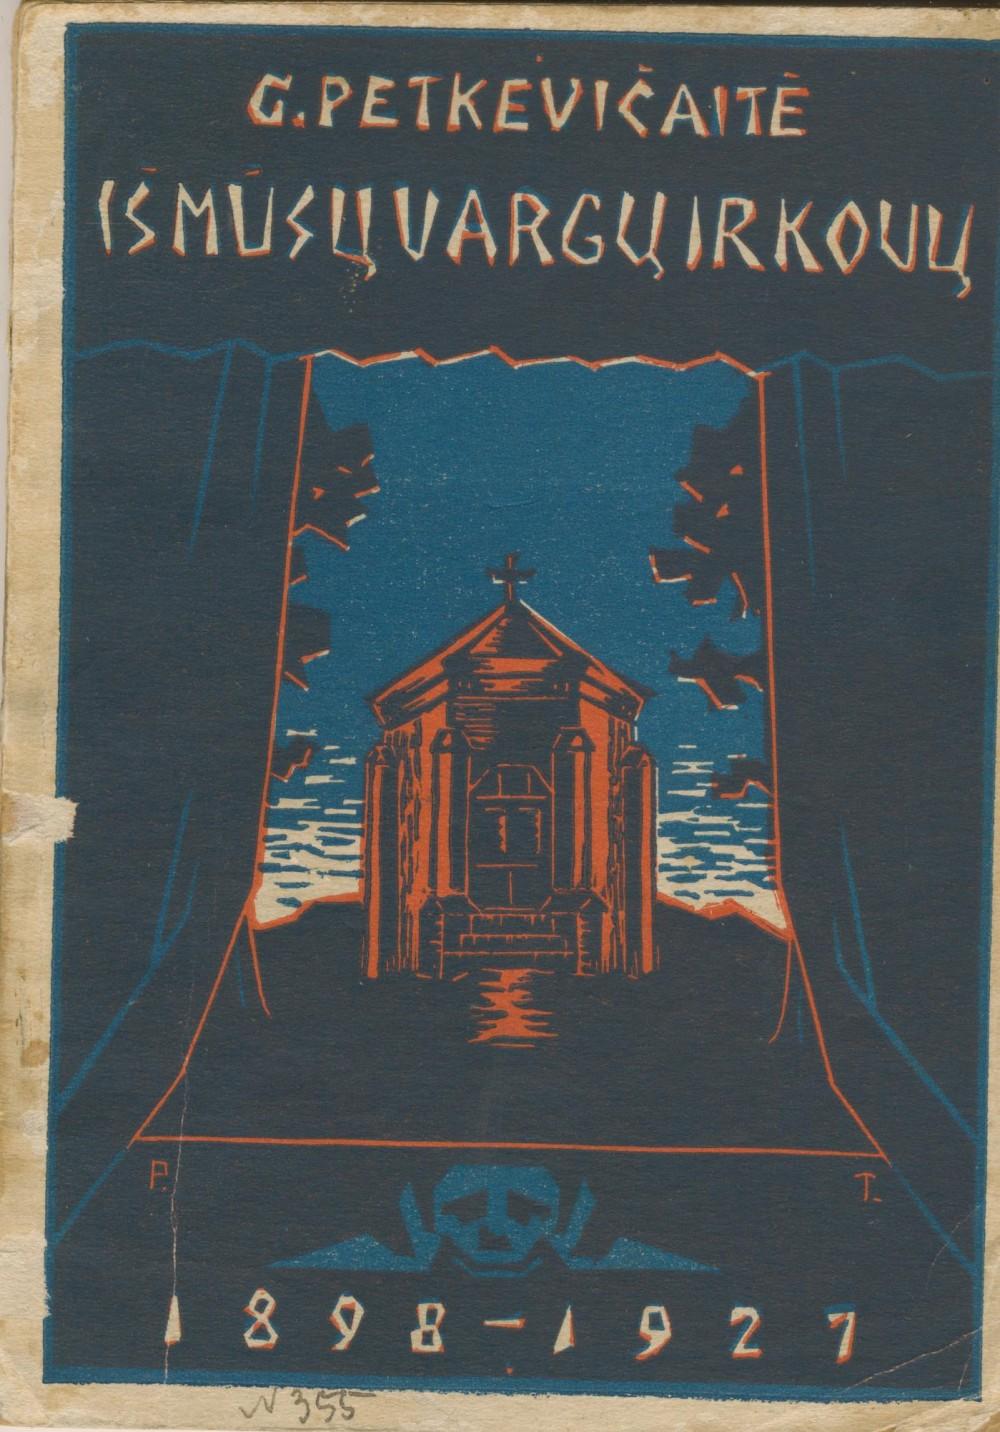 Knyga, skirta Palangos spektaklio 25 metų sukaktuvėms paminėti. Vilnius. 1910 m.